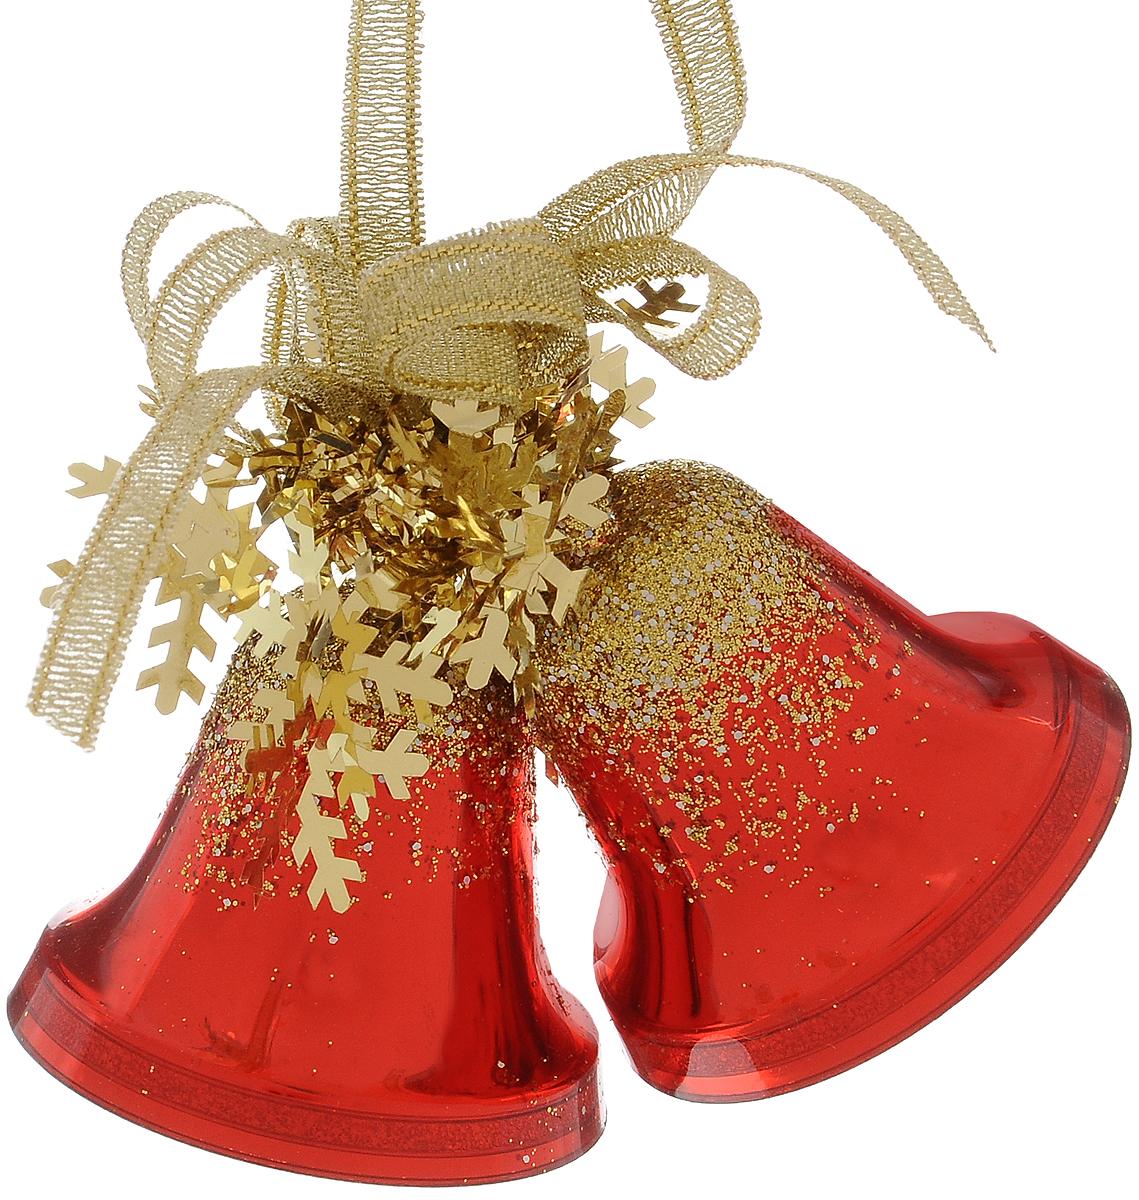 Украшение новогоднее подвесное Weiste Двойные колокольчики, цвет: красный, золотой, высота 6 см5575Новогоднее подвесное украшение Weiste Двойные колокольчики выполнено из пластика и ПВХ. Изделие оформлено блестками. С помощью специальной петельки украшение можно повесить в любом понравившемся вам месте. Но, конечно, удачнее всего оно будет смотреться на праздничной елке.Елочная игрушка - символ Нового года. Она несет в себе волшебство и красоту праздника. Создайте в своем доме атмосферу веселья и радости, украшая новогоднюю елку нарядными игрушками, которые будут из года в год накапливать теплоту воспоминаний.Размер колокольчика: 5 х 5 х 5 см.Общий размер украшения: 5 х 6 х 10 см.